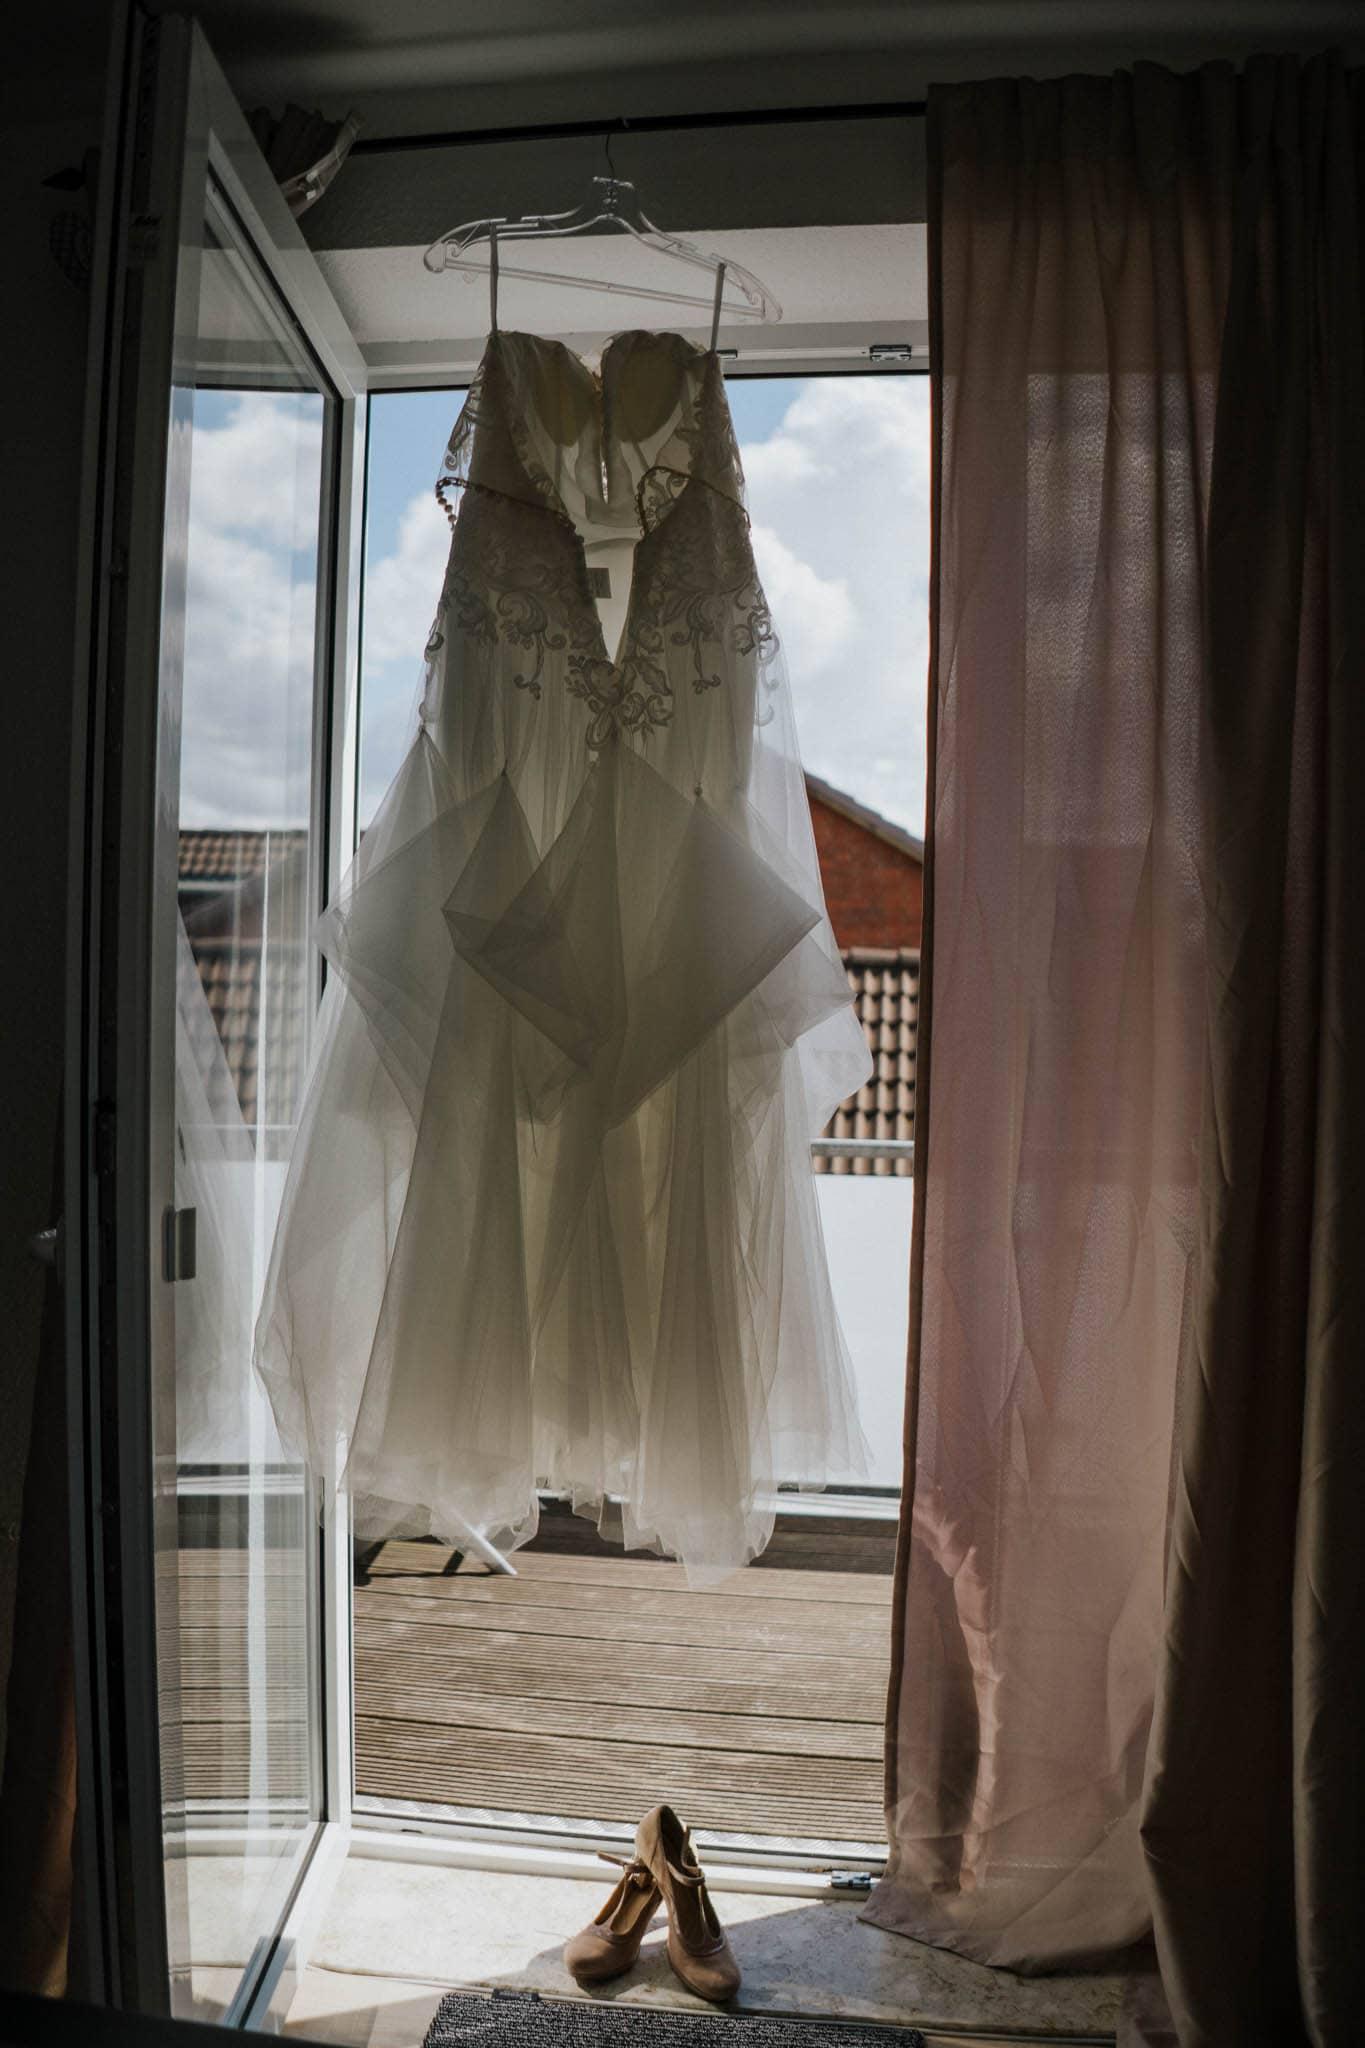 Hochzeitsfieber by Photo-Schomburg, Hoichzeitsfotograf, Hamburg, Wedding, Weddingtime, Hochzeitspaar, Braut, Bräutigam, Hochzeit im Norden,-19